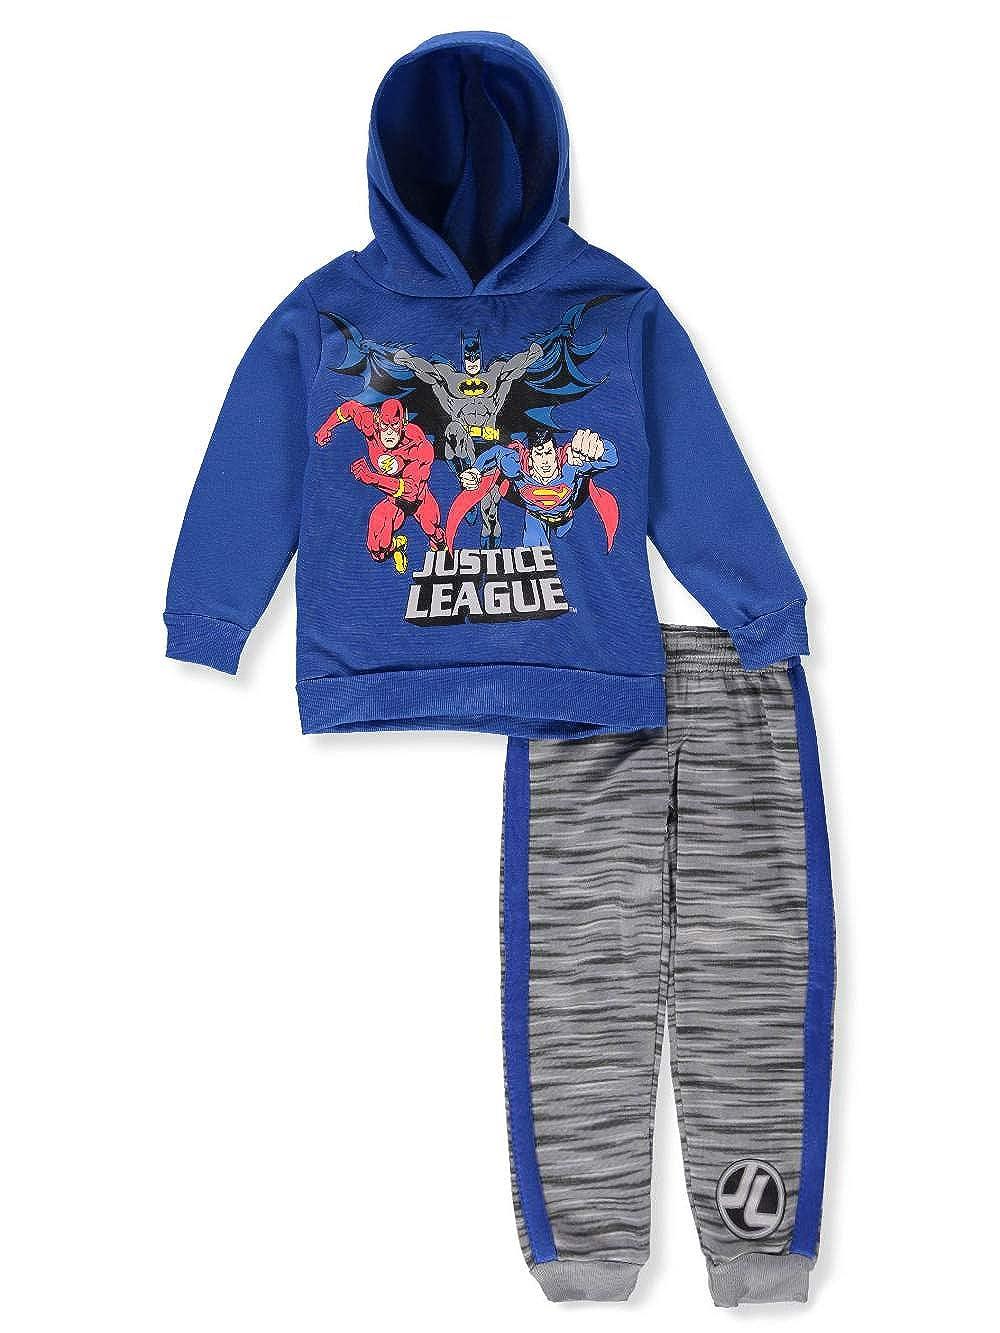 Justice League Boys' 2-Piece Sweatsuit Pants Set